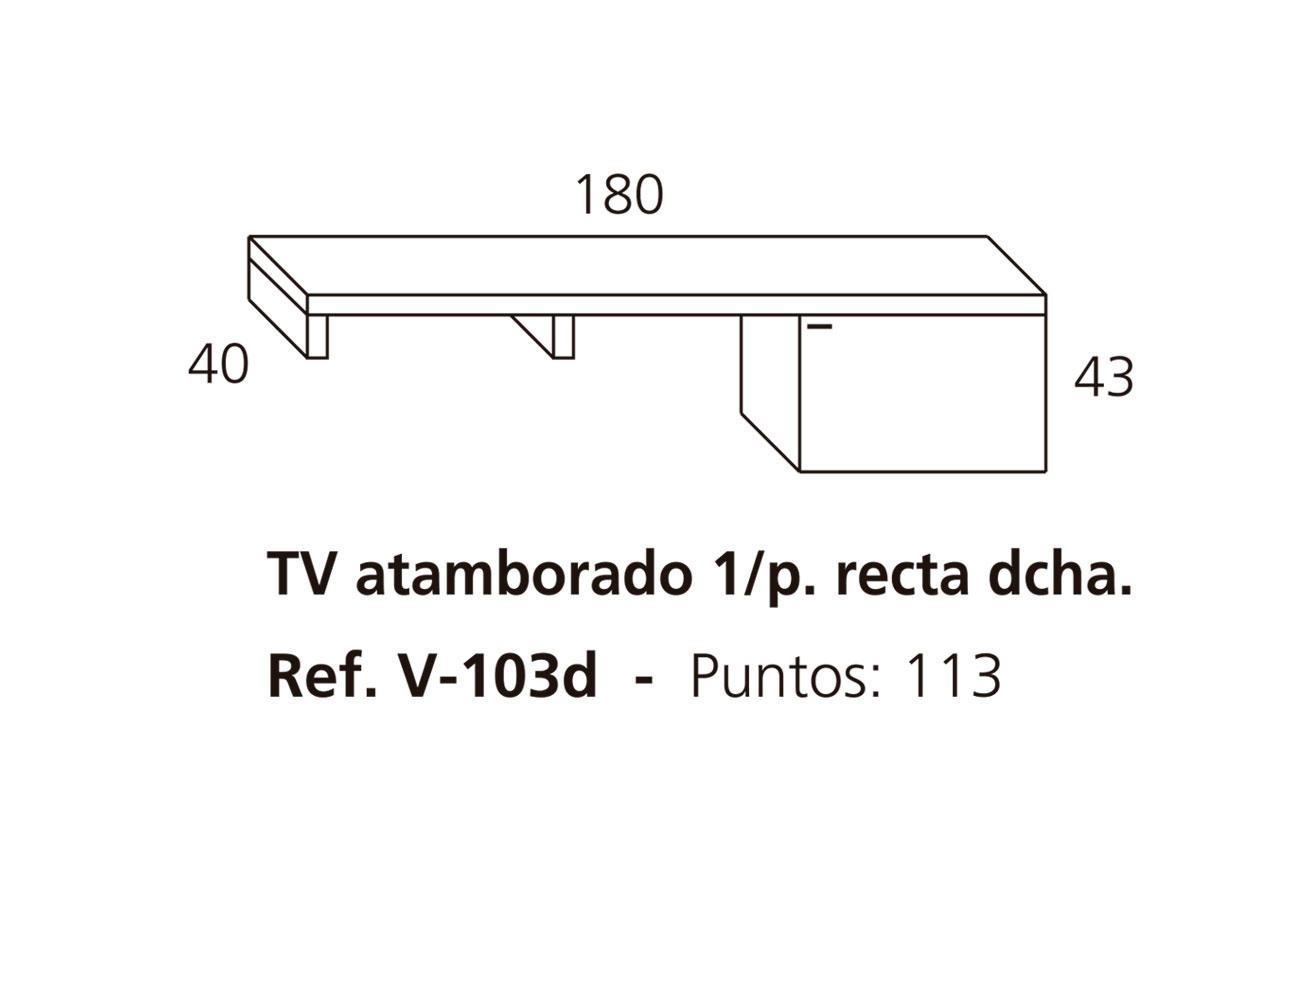 V 103d